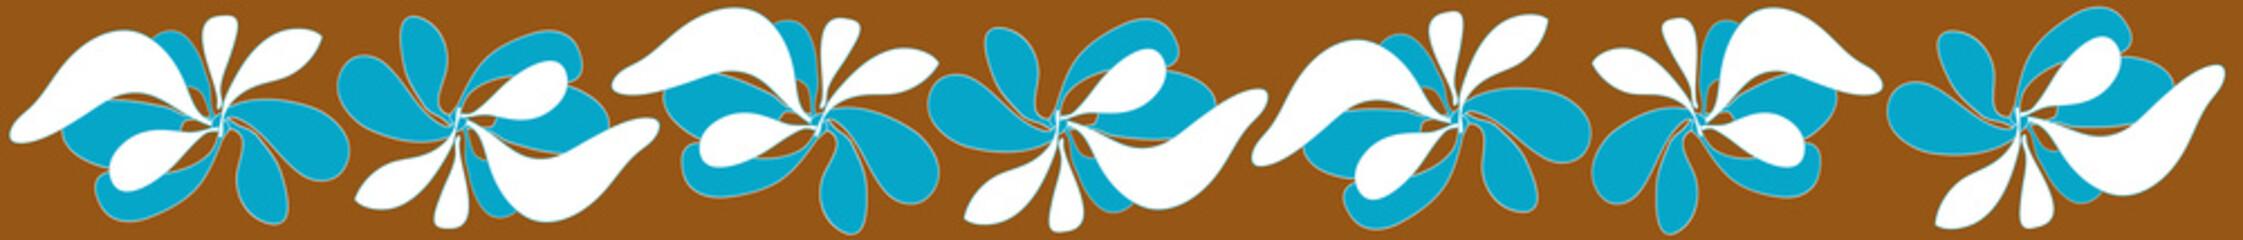 threading graphic flower brown background